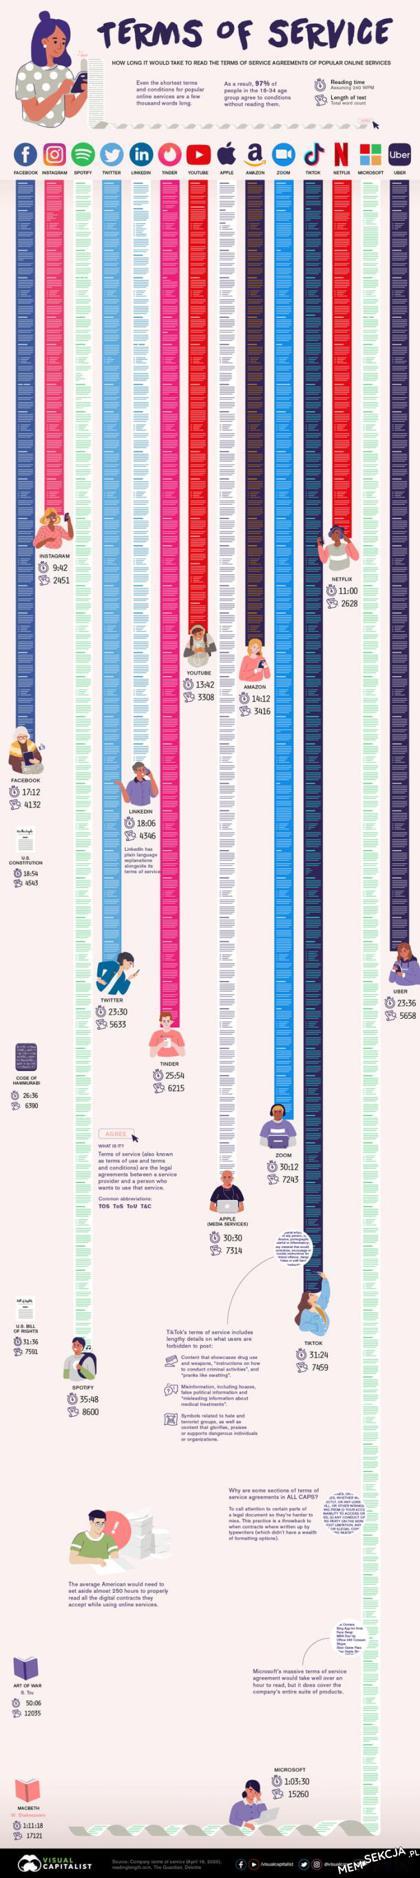 Długość regulaminów popularnych serwisów. Ciekawostki